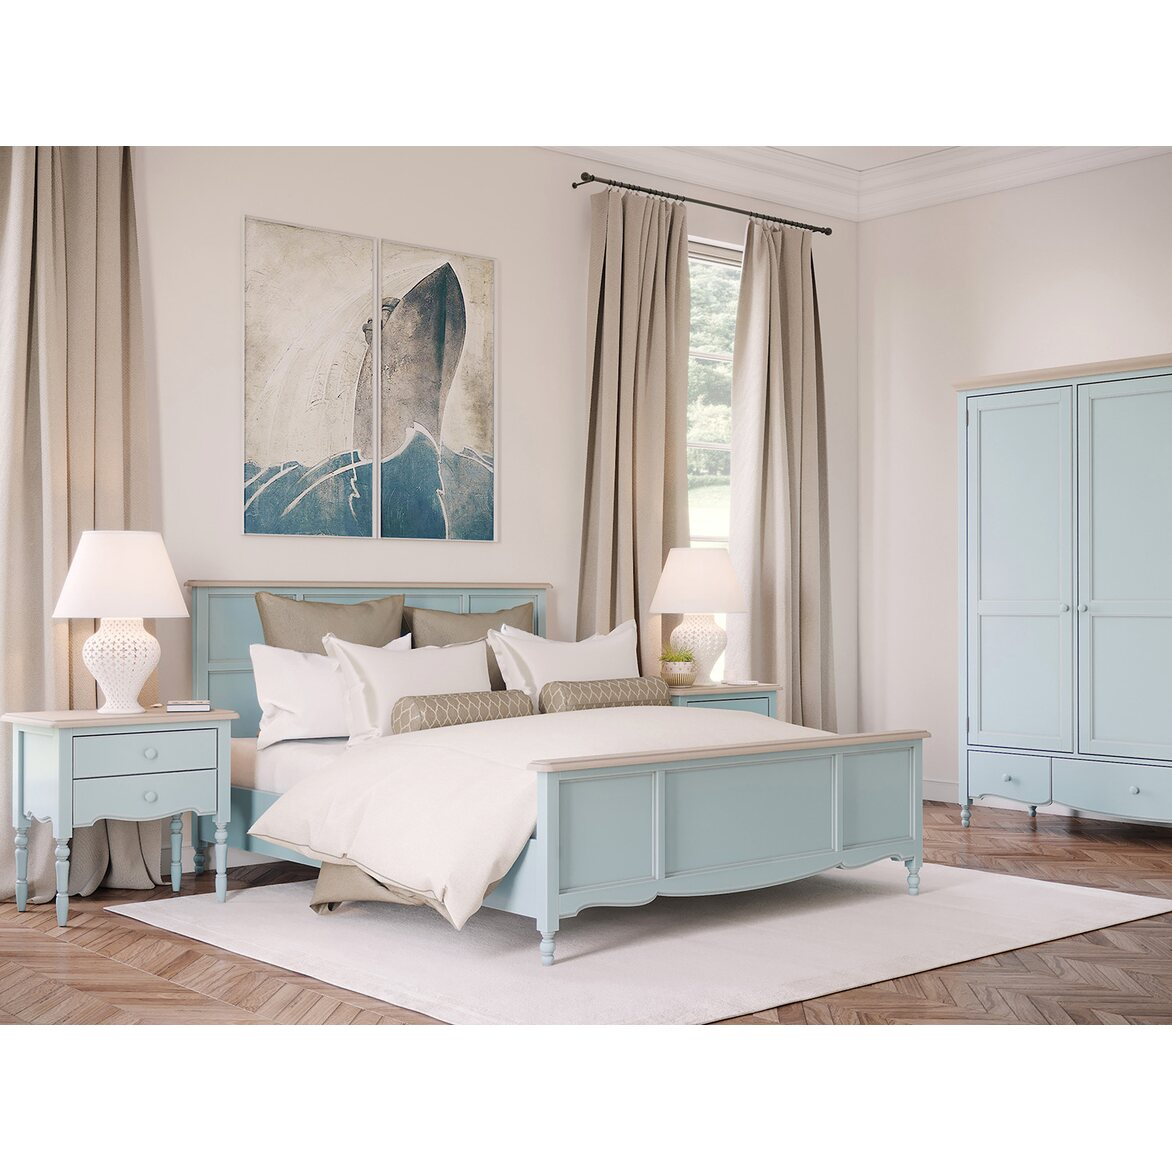 Кровать Leblanc голубая, с изножьем 3 | Двуспальные кровати Kingsby